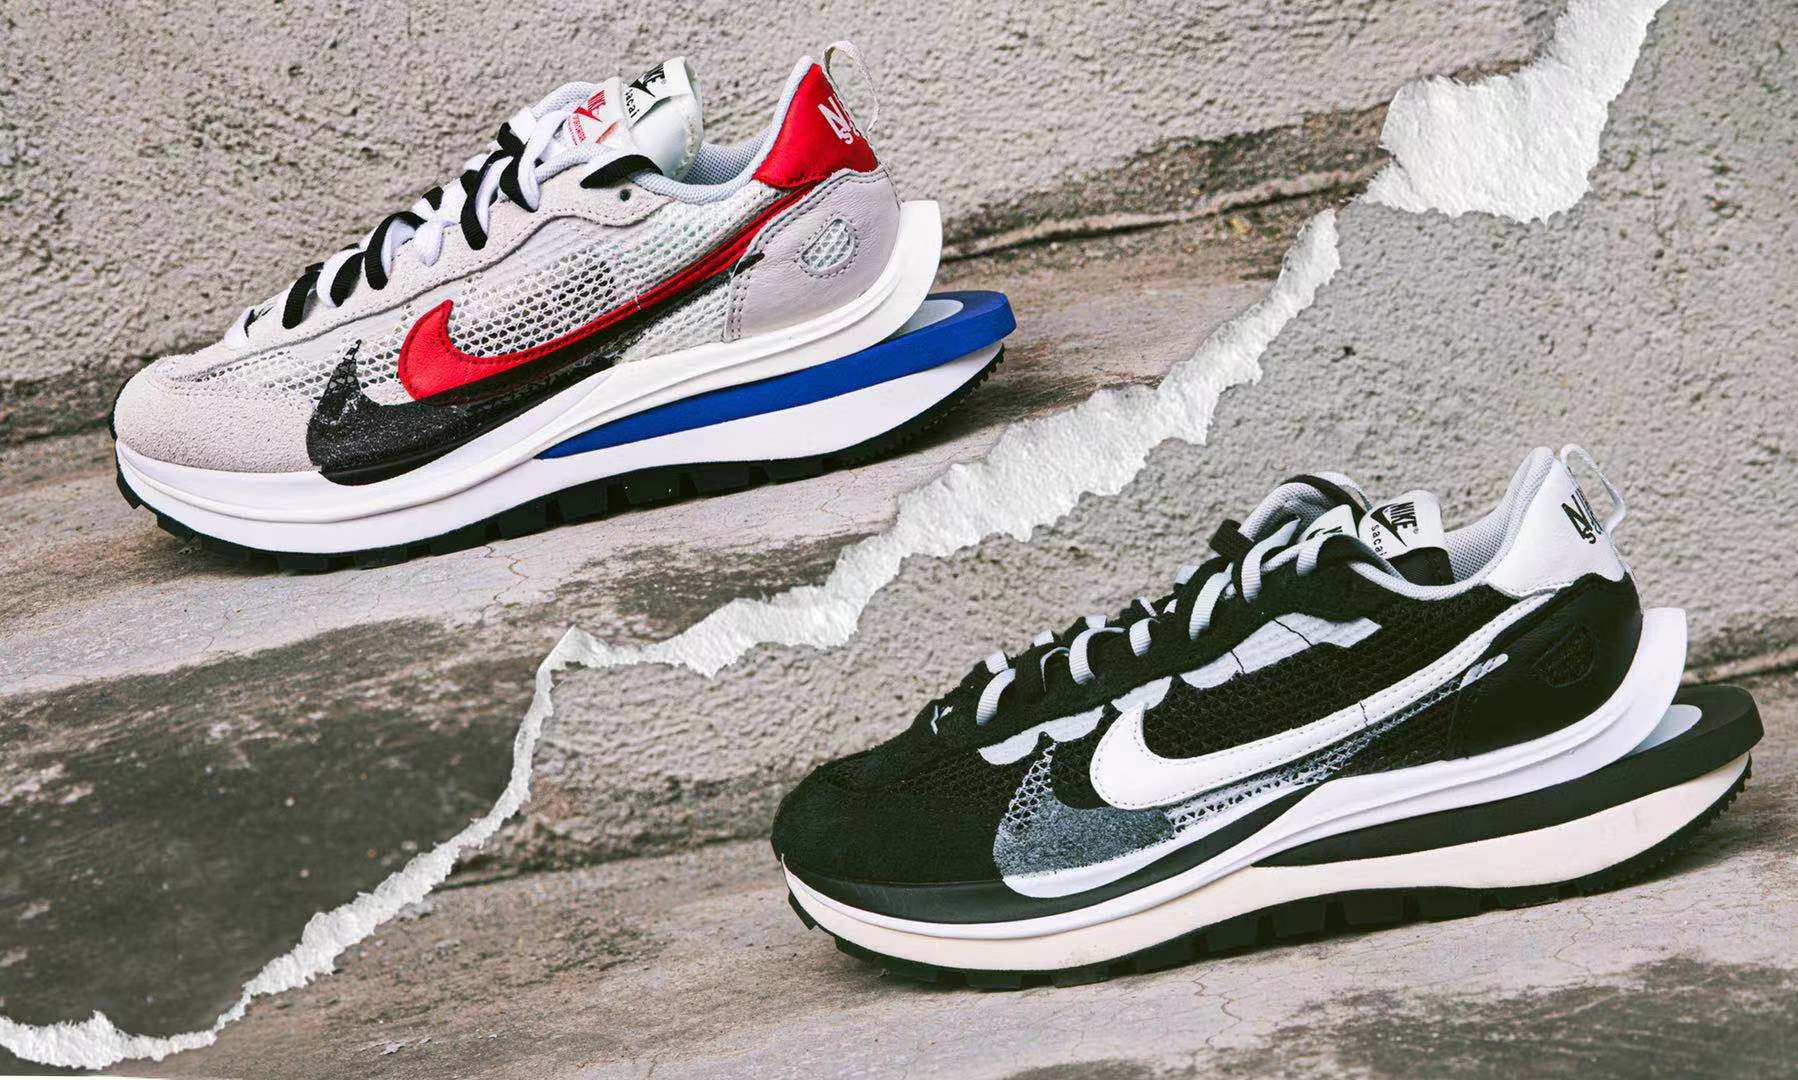 新发的 sacai x Nike 还会成为你的「年度鞋王」候选吗?